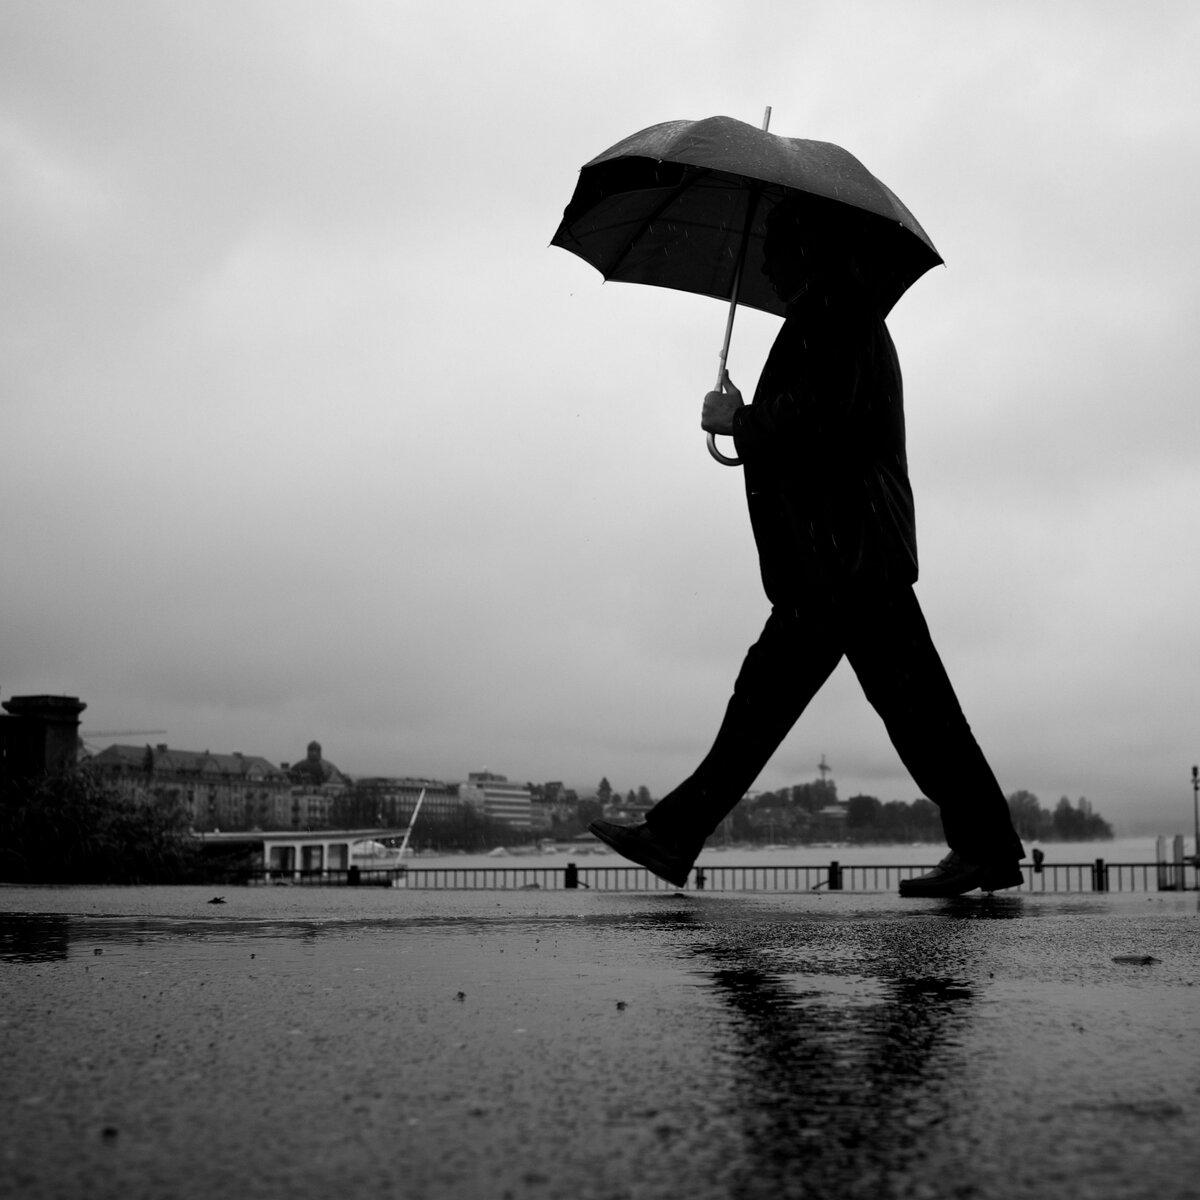 том, мужчина с зонтом картинка запросу